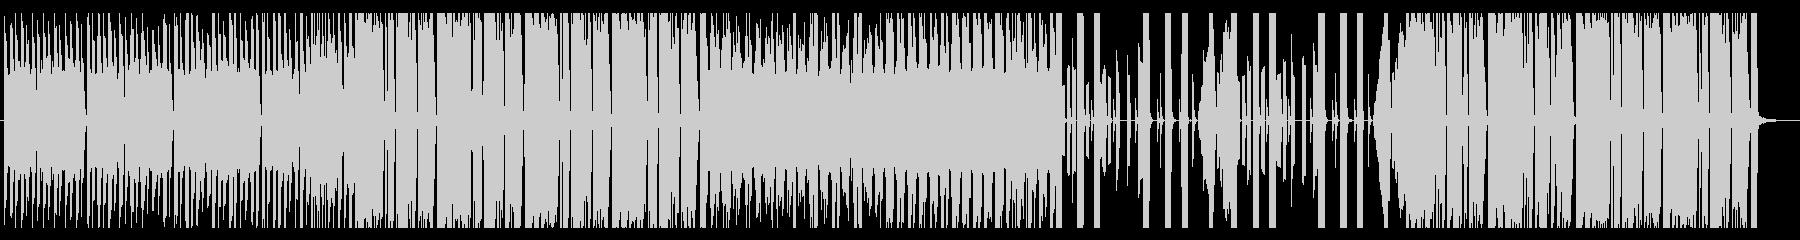 勢いのあるエレクトロハウスの未再生の波形